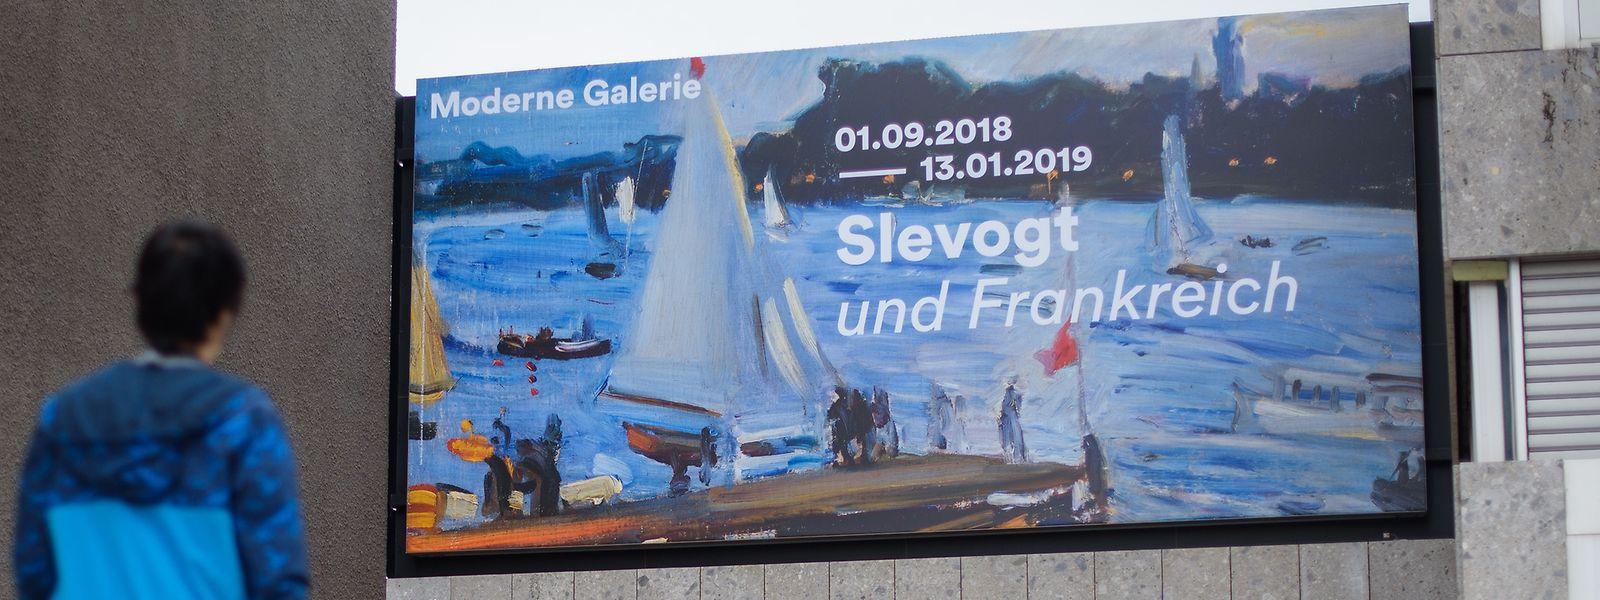 """Ein großes Plakat wirbt über dem Eingang der Modernen Galerie für die Ausstellung """"Slevogt und Frankreich"""". Anlässlich des 150. Geburtstages von Max Slevogt zeigt das Saarlandmuseum vom 01.09.2018 bis zum 13.01.2019 eine große Werkschau."""